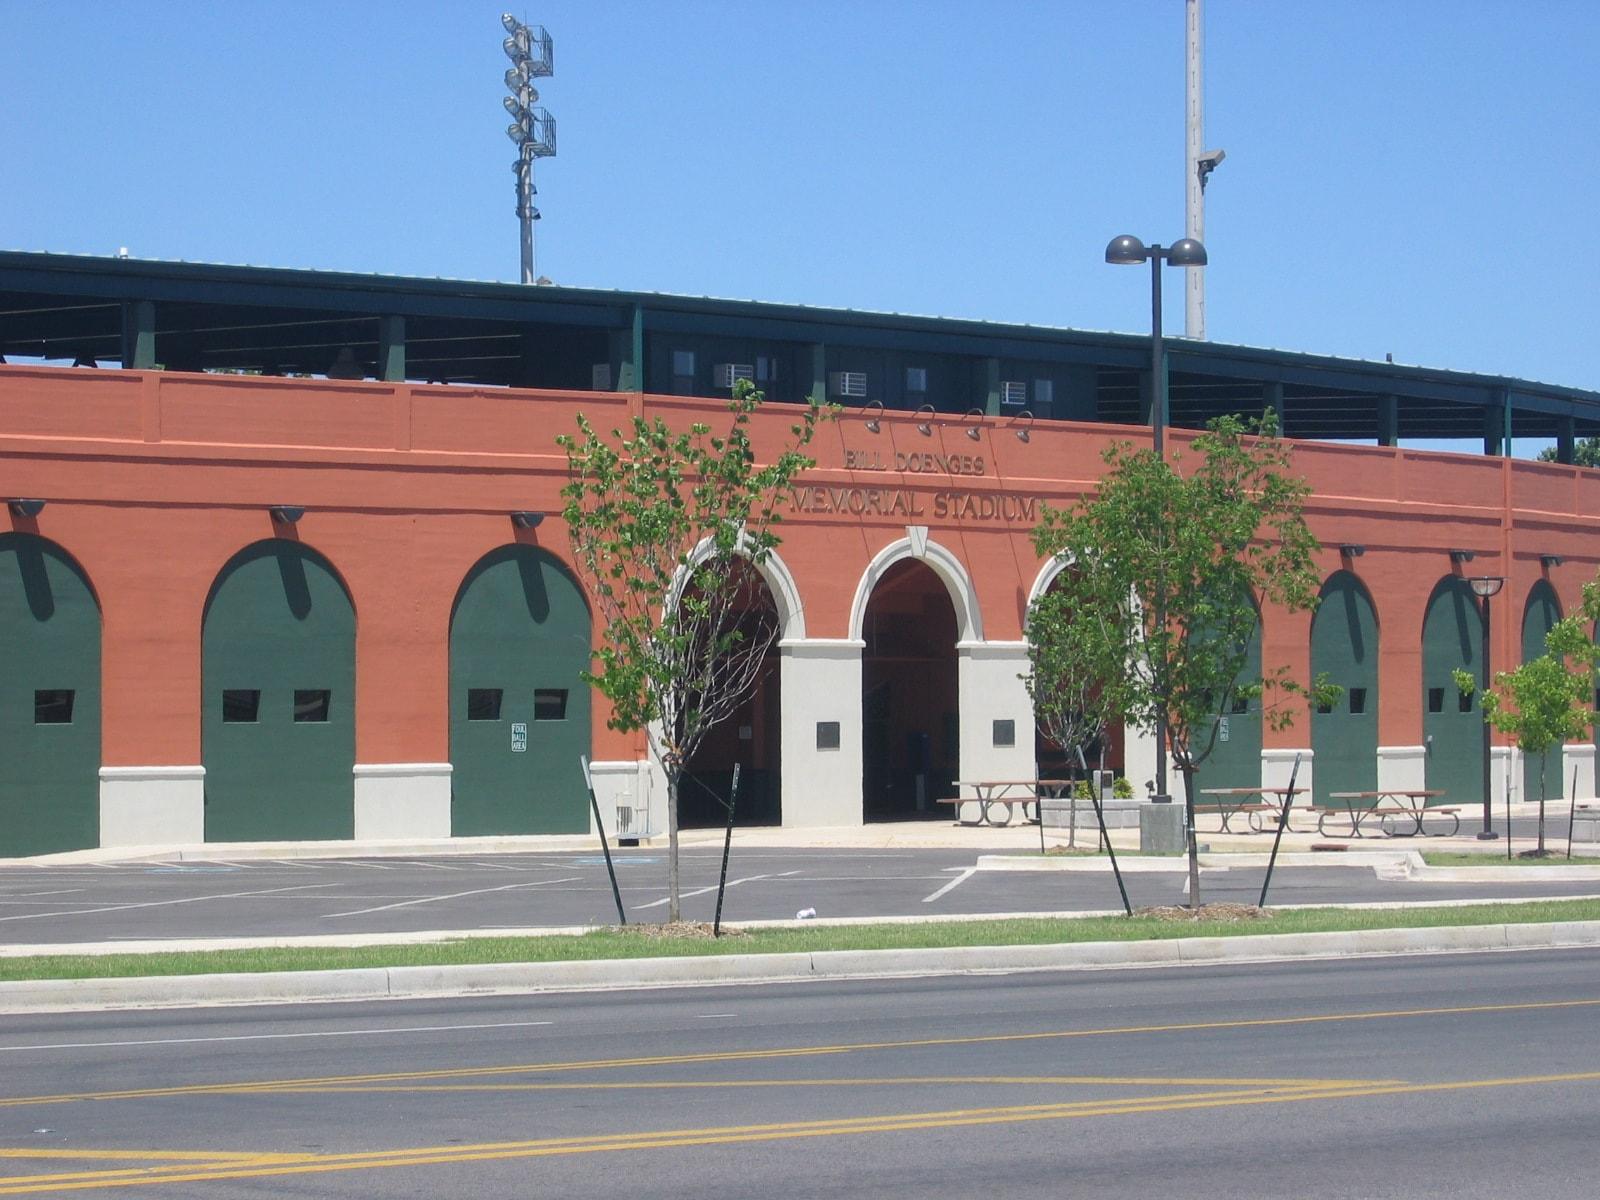 Doenges Stadium